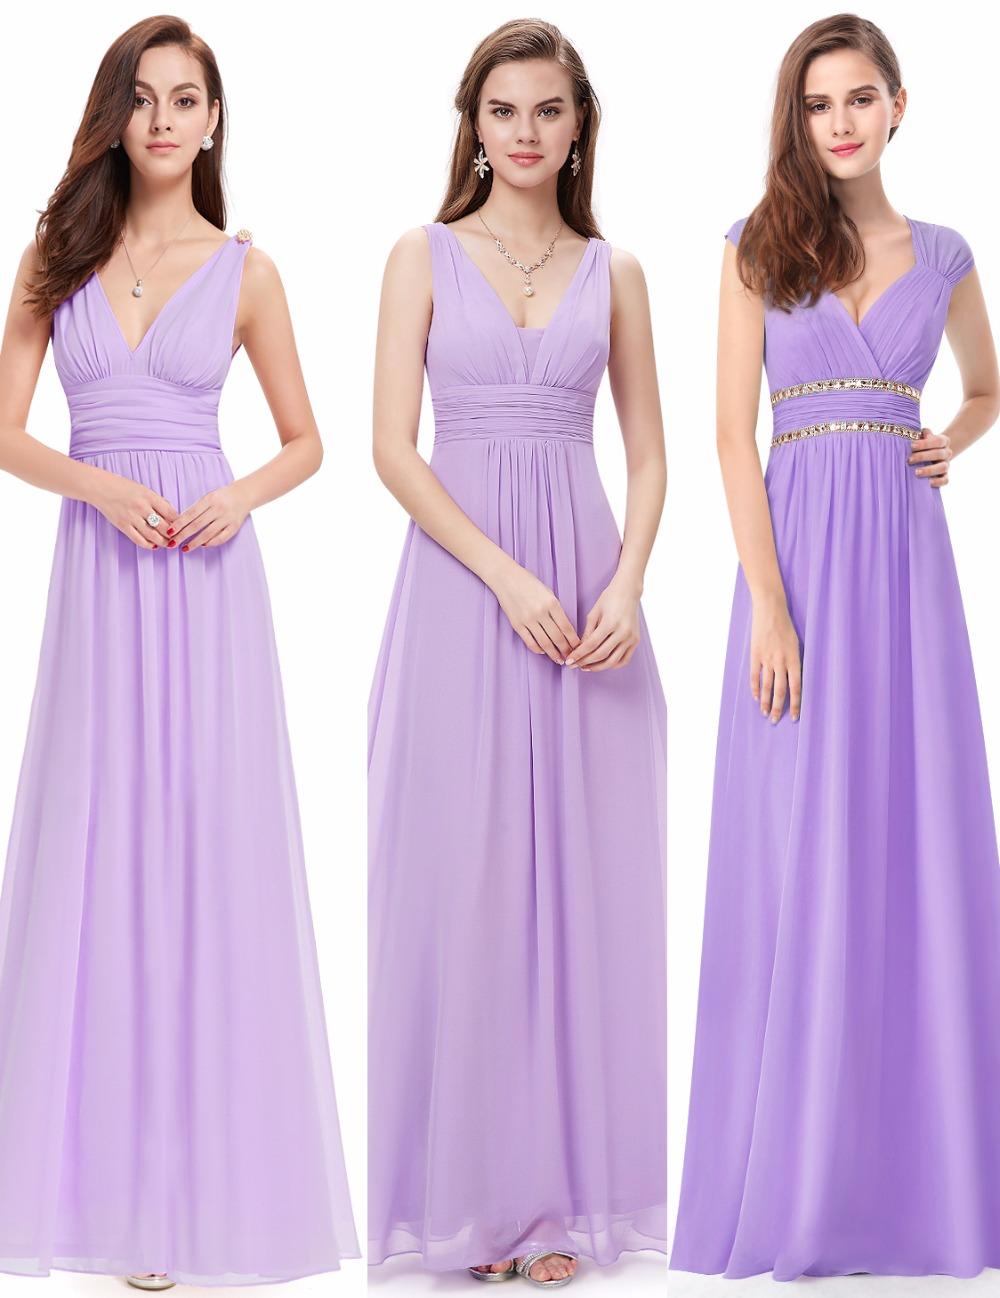 [해외]적 꽤 예쁜 새 여자 웨딩 신부 들러리 드레스 시폰 V - 목 스파게티 스트랩 Pleat 웨딩을새로운 컬렉션 드레스/Ever Pretty New Women Wedding Bridesmaid Dresses Chiffon V-Neck Spaghetti Straps